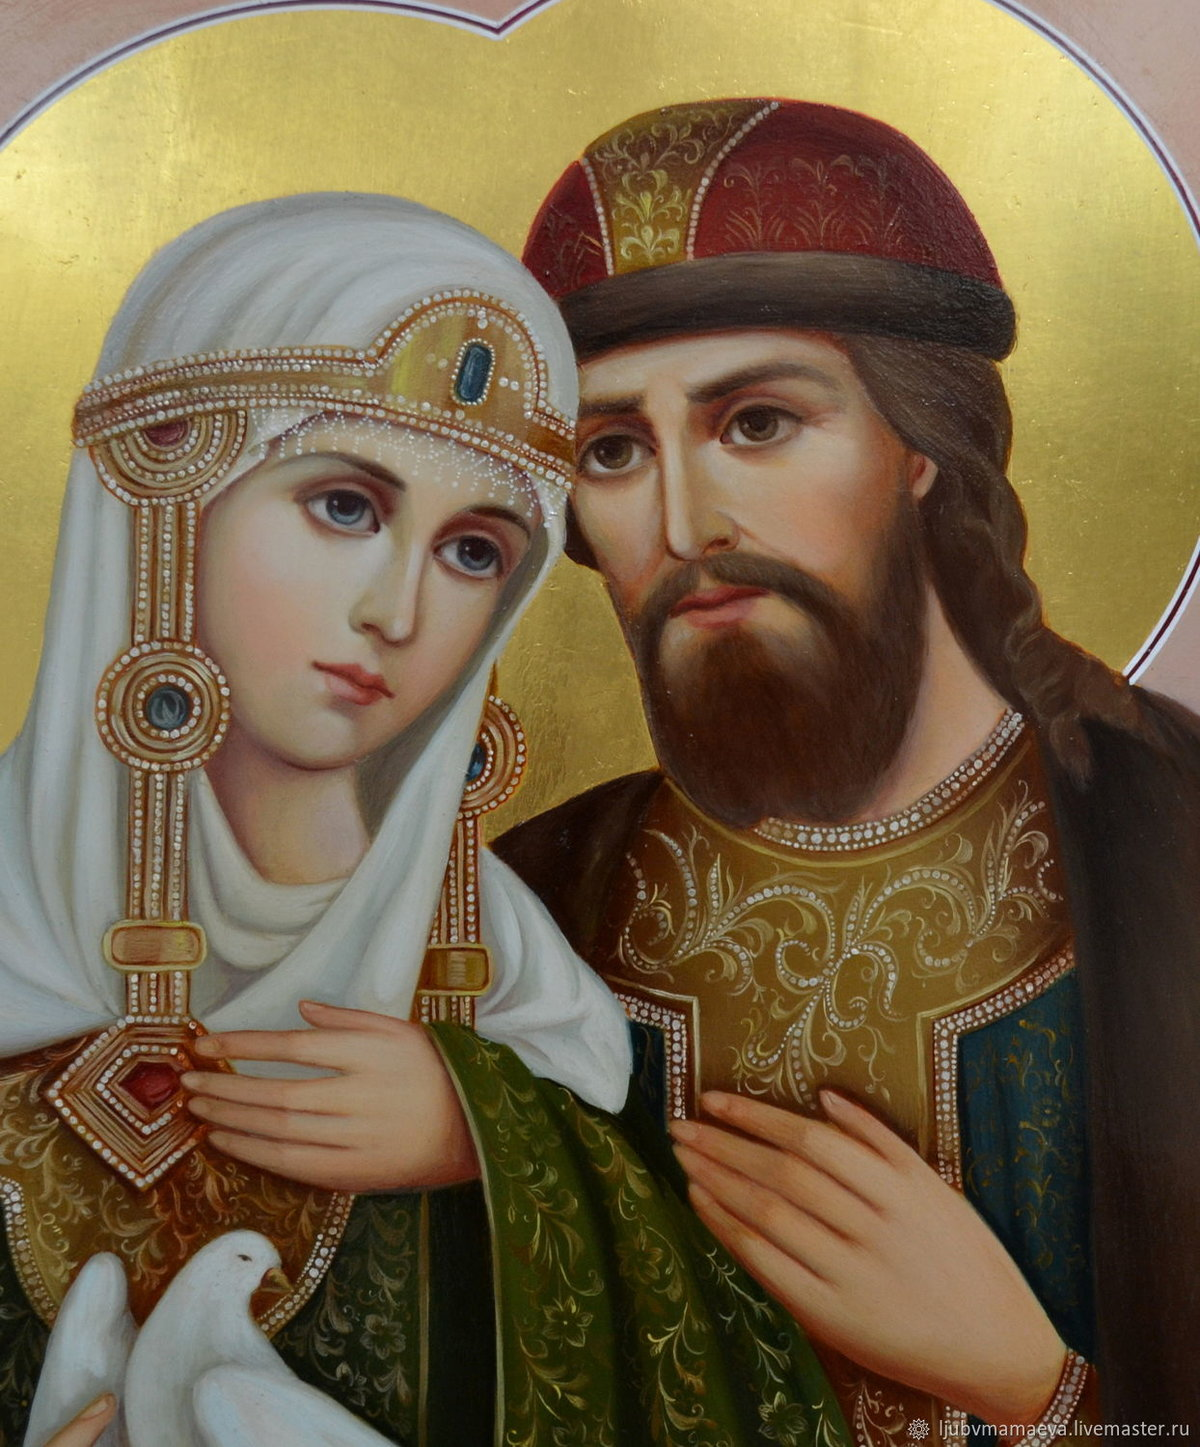 5 июля у памятника святым благоверным князю Петру и княгине Февронии Муромским состоялось чествование новобрачных. Был отслужен молебен святым Петру и Февронии